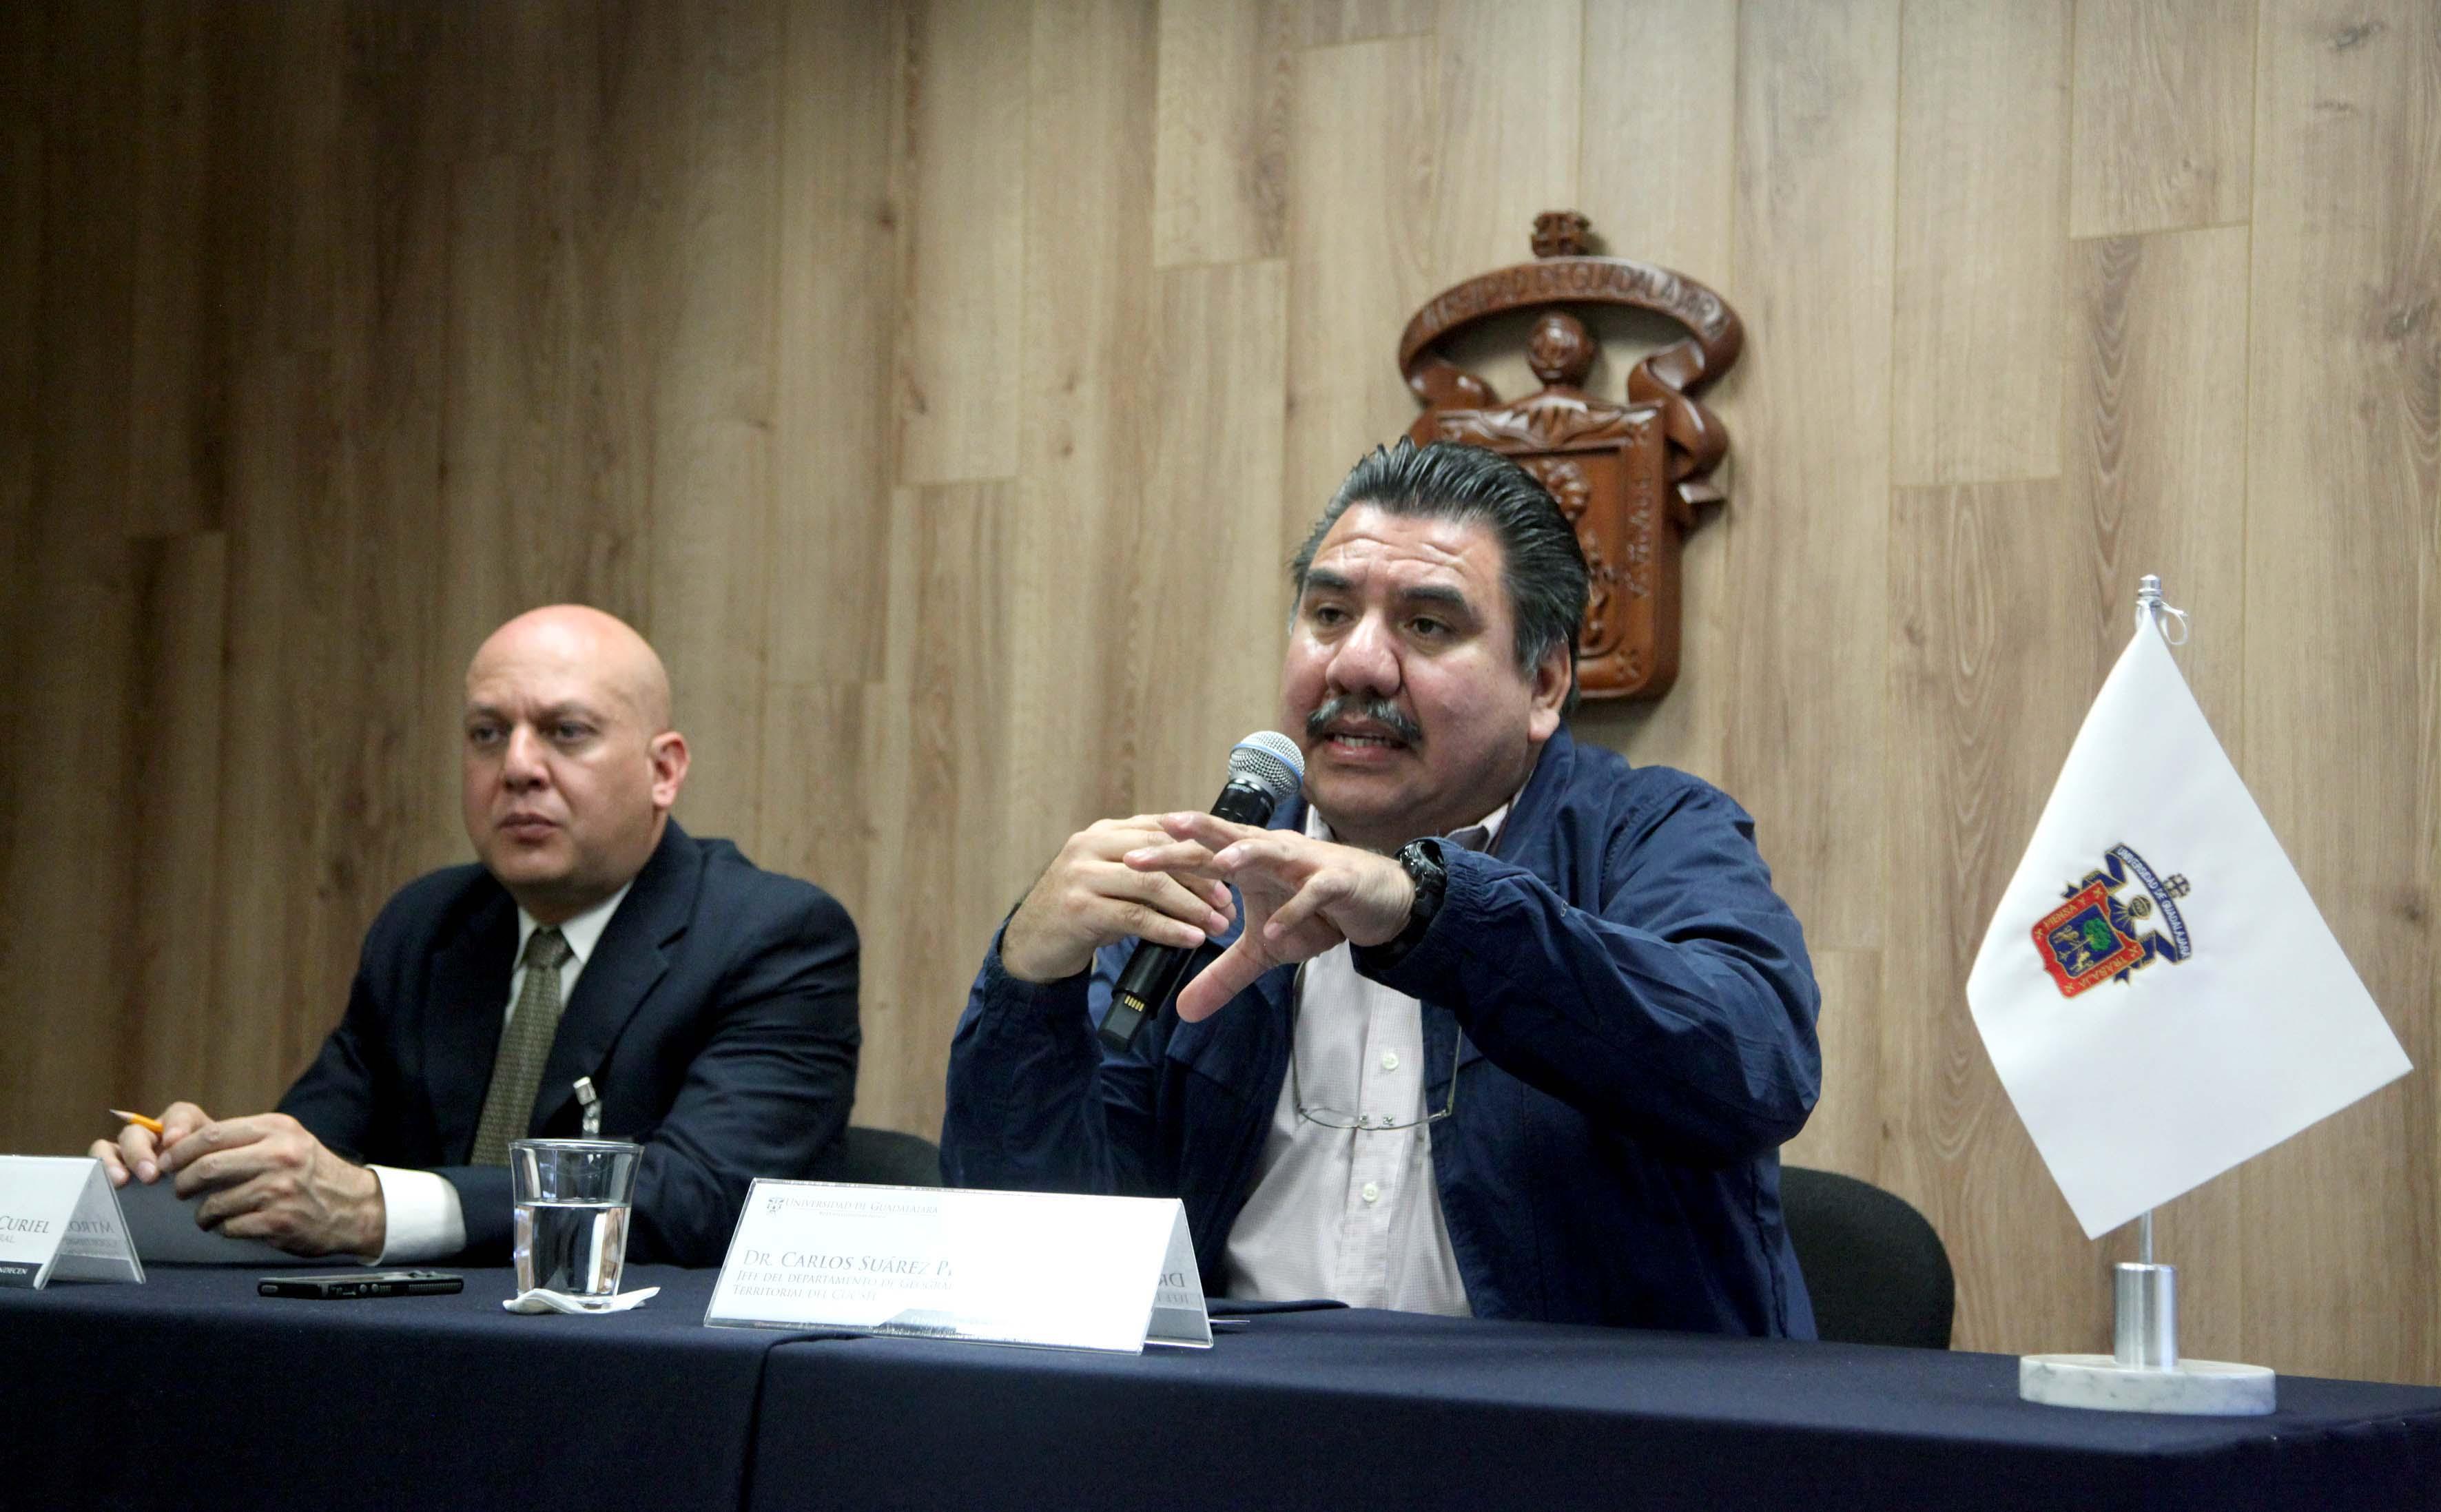 Dos hombres sentados en el estrado de paraninfo UDG uno de ellos hablando por micrófono